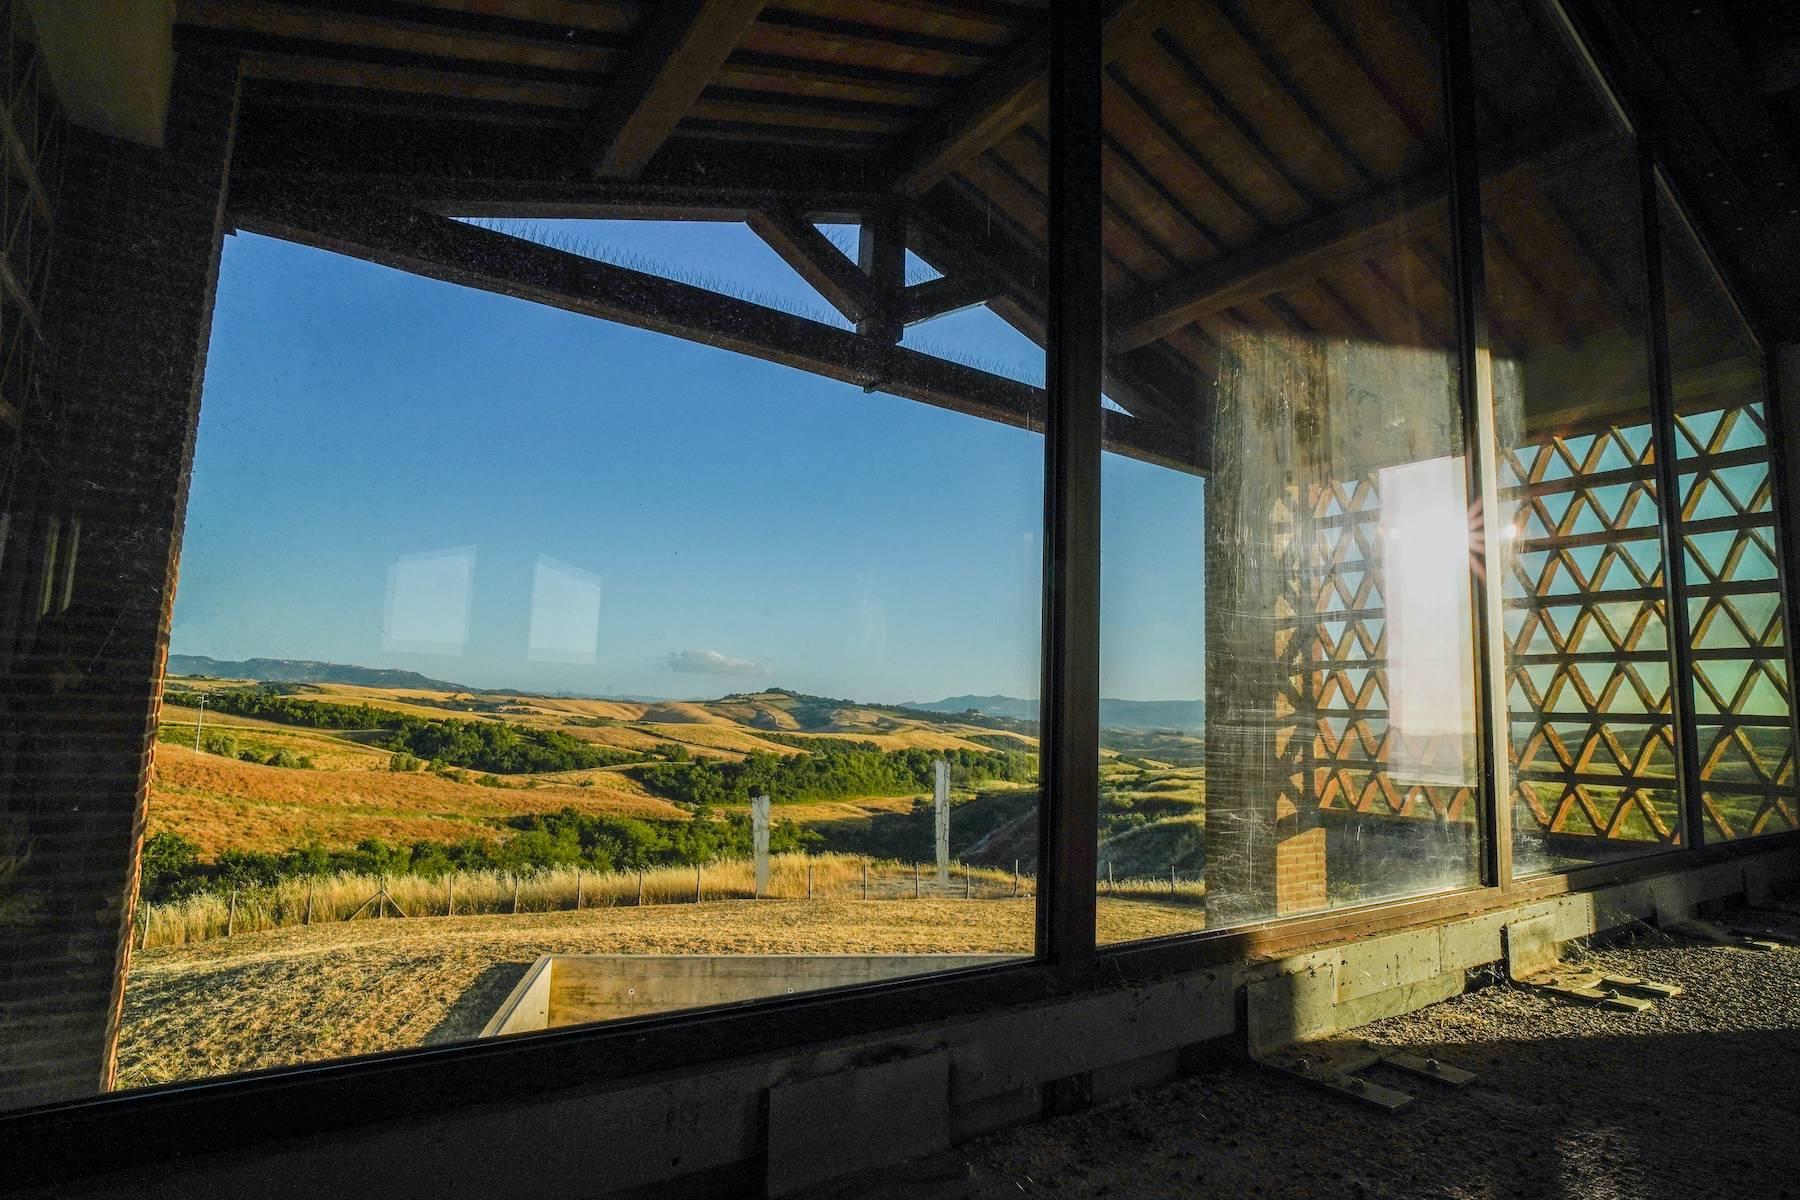 Rustico in Vendita a Montaione: 5 locali, 250 mq - Foto 20